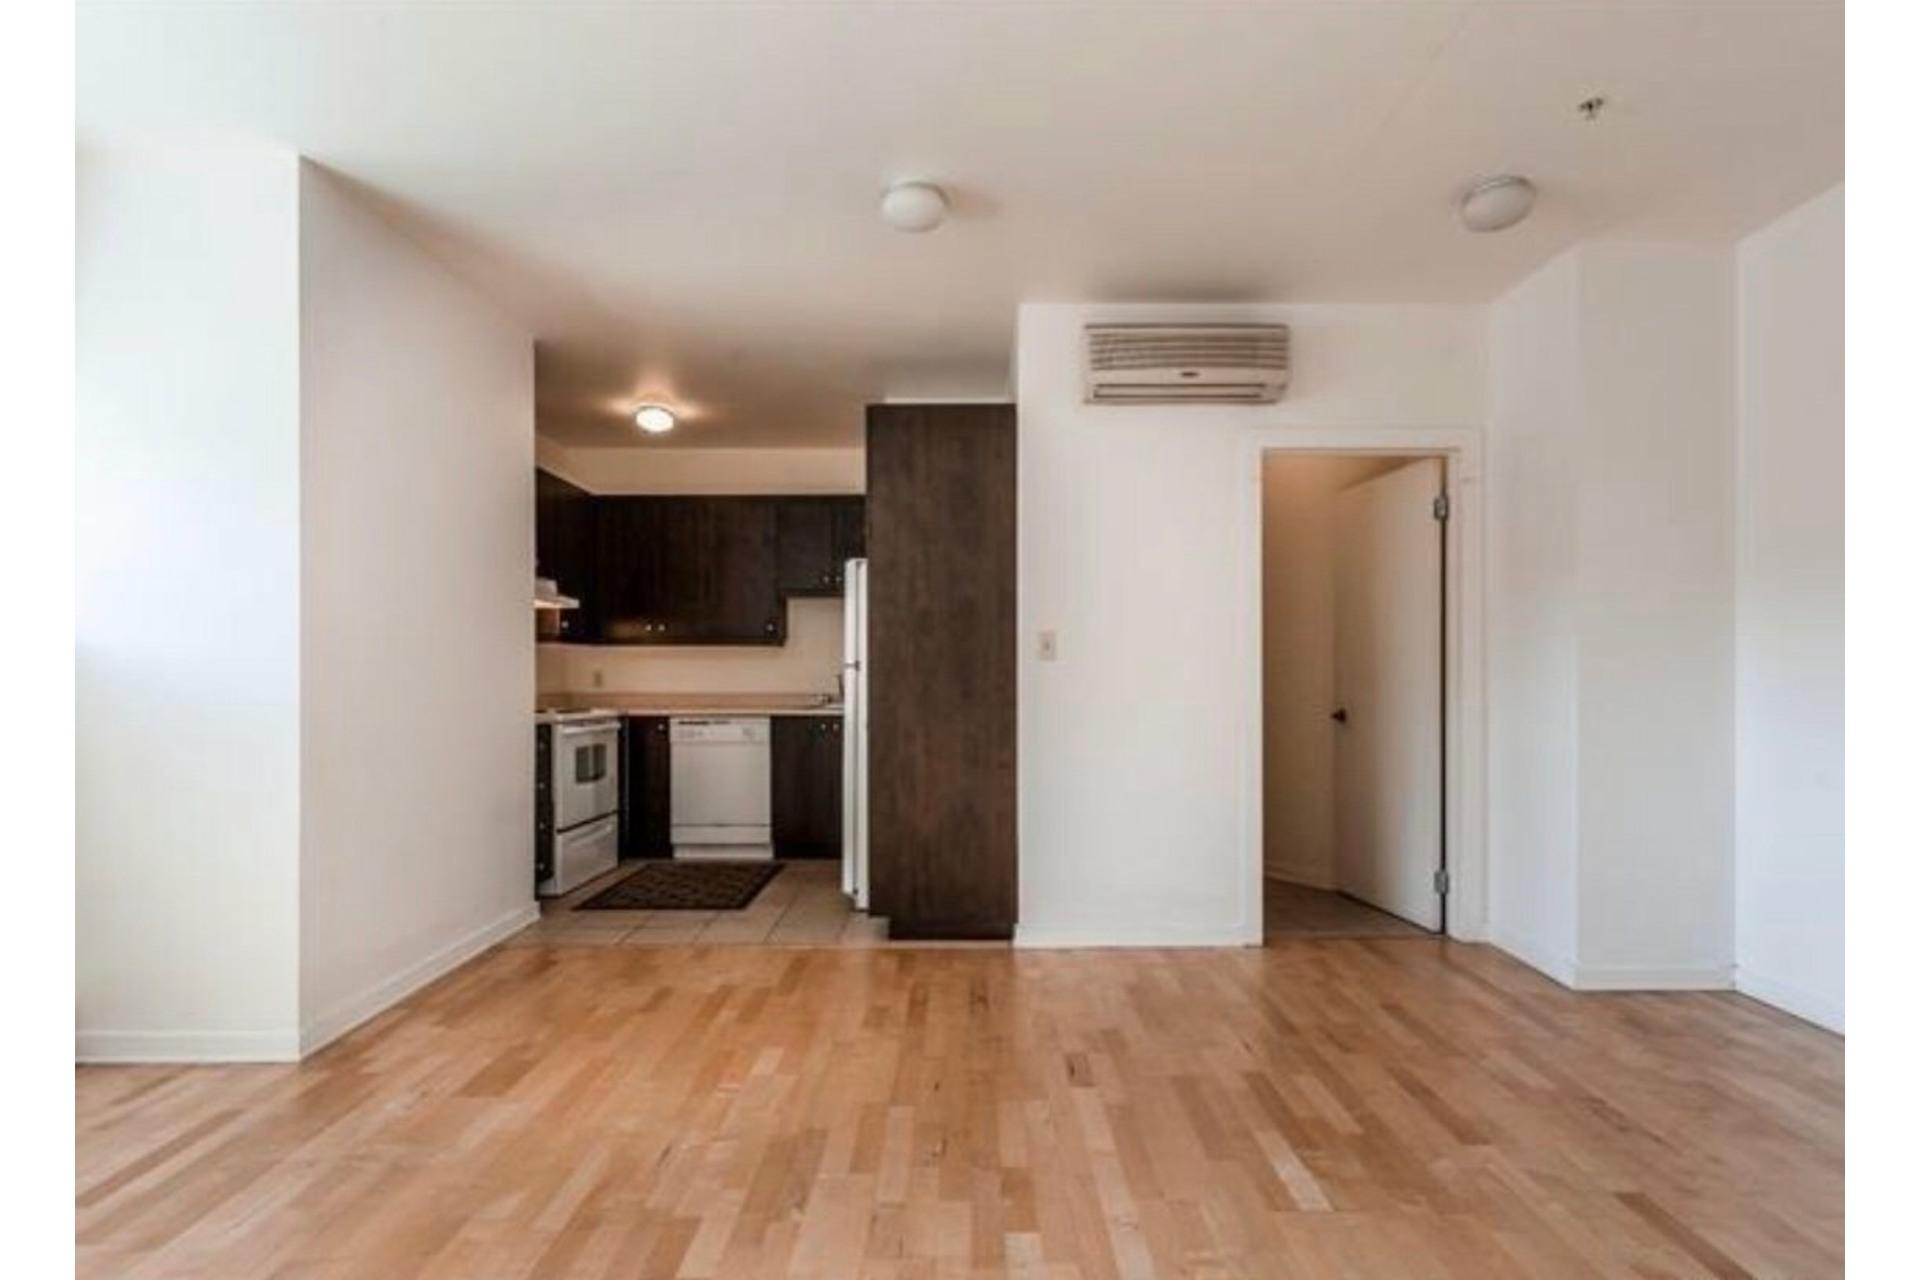 image 5 - Apartment For sale Côte-des-Neiges/Notre-Dame-de-Grâce Montréal  - 6 rooms